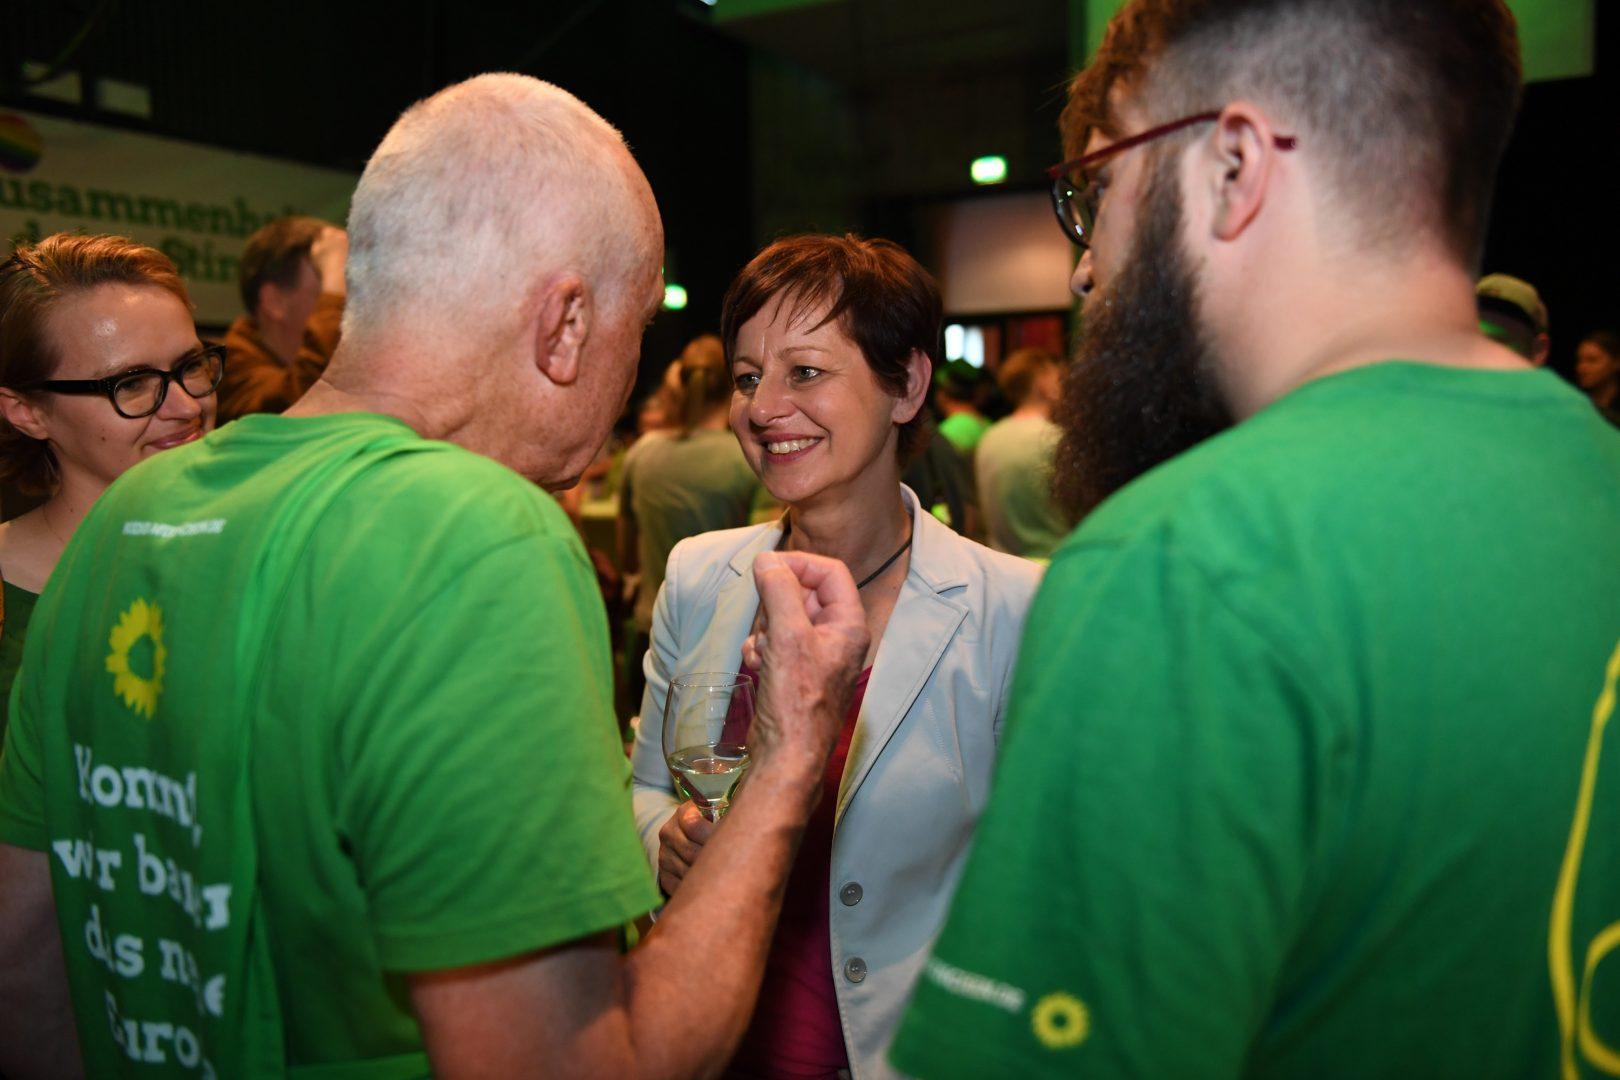 Sigi Hagl im Gespräch mit zwei grünen Helfern